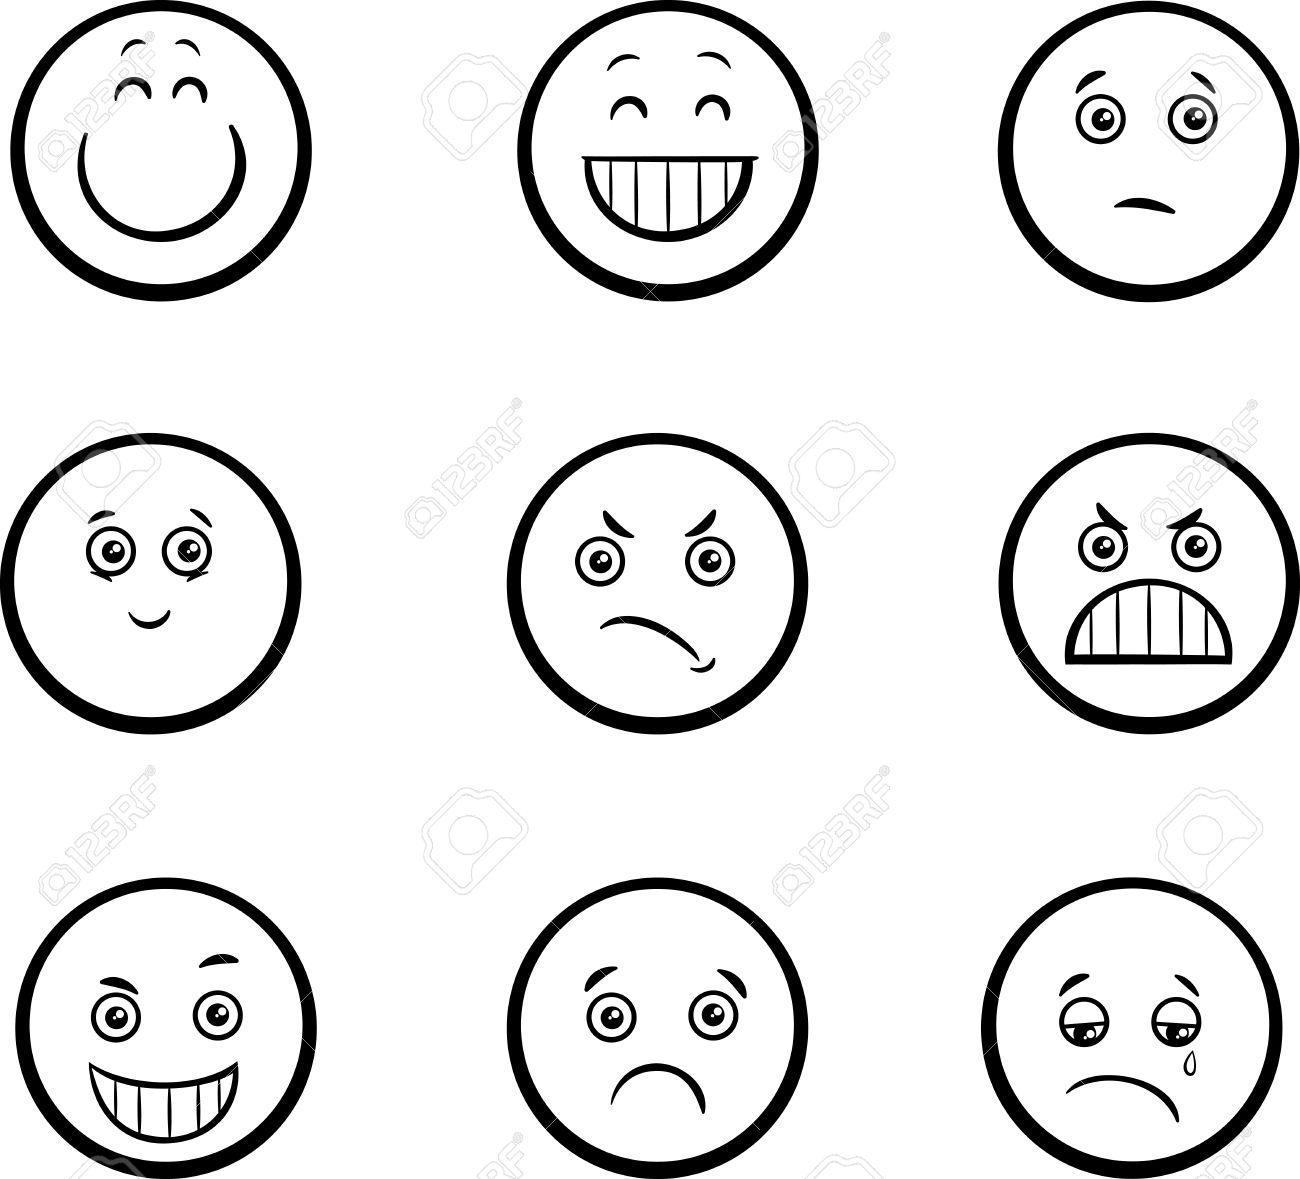 Ilustración De Dibujos Animados Blanco Y Negro De Emoticon O Emociones Como Triste O Feliz